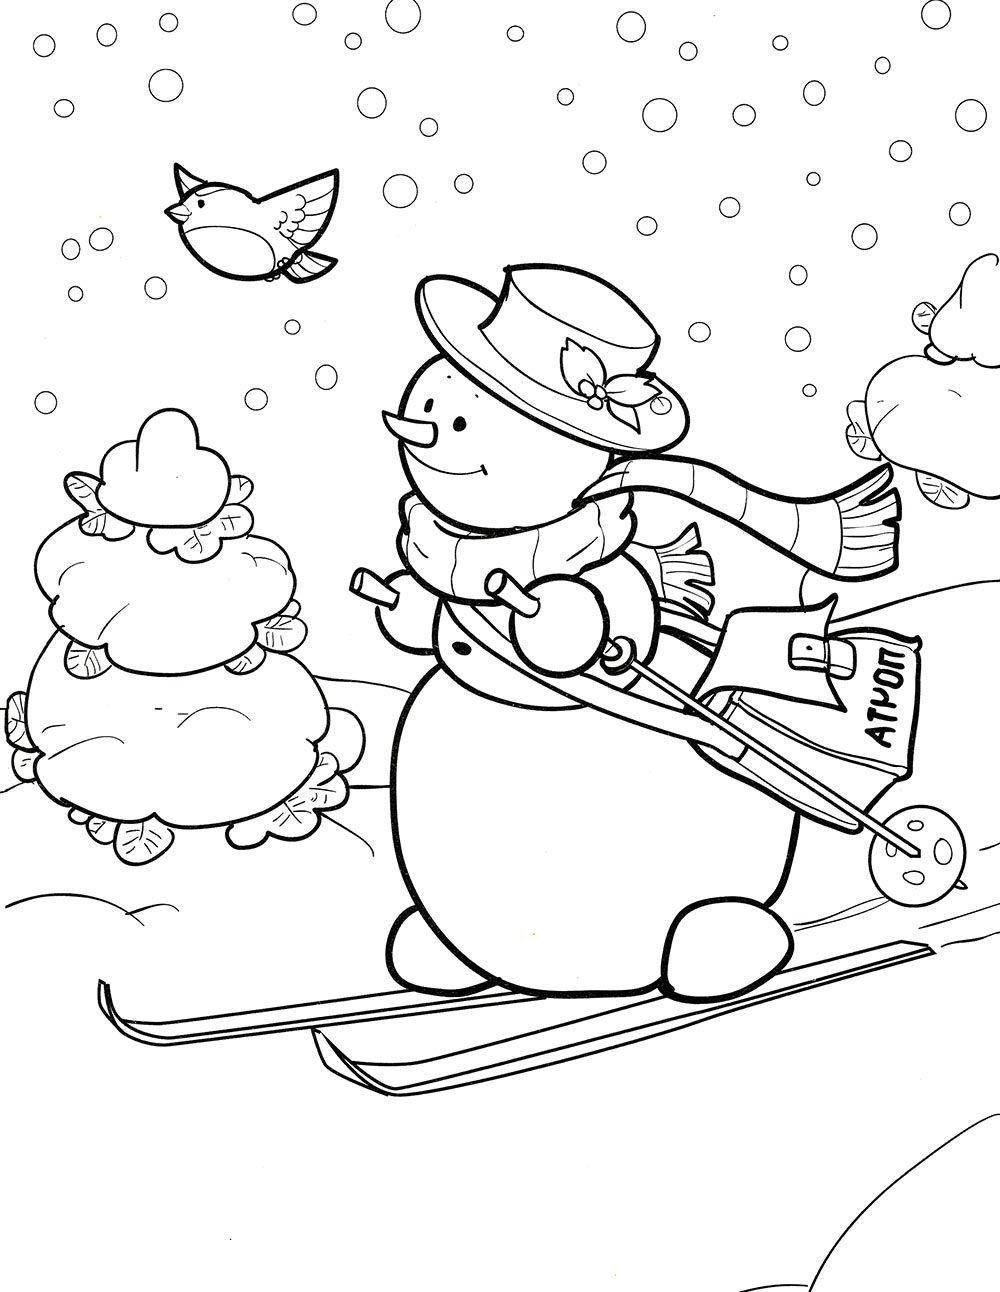 снеговик раскраска распечатать